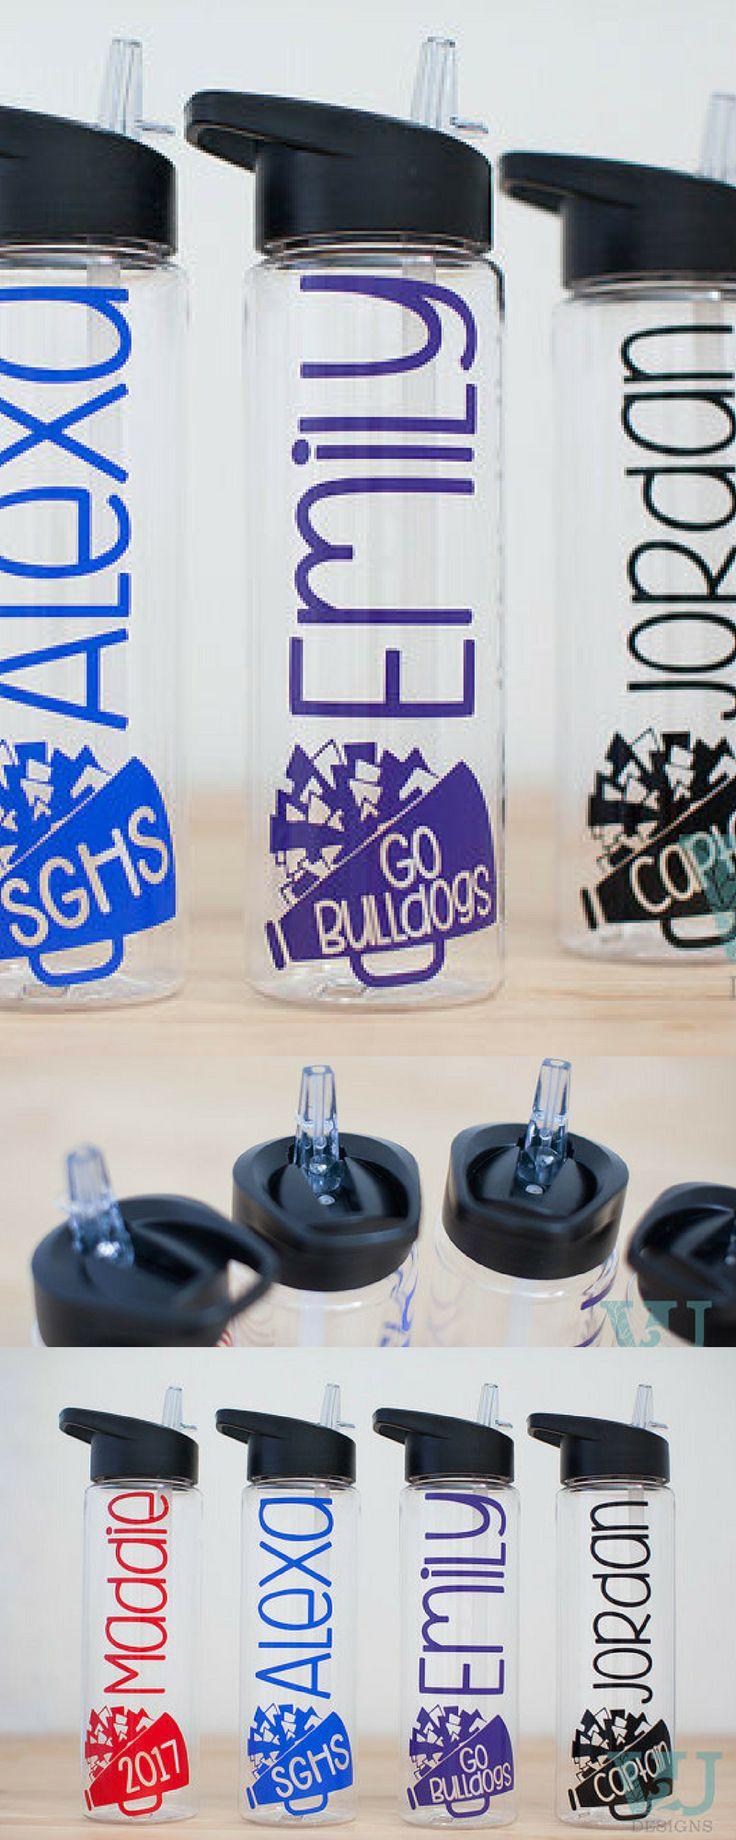 $11.99  Cheerleading Gift - Cheer Bottle - Cheerleader Gift - Personalized Bottle - Custom Water Bottle - Customized Cheer - Team Gifts - Cheerleading coach - Squad presents #cheerleading #ad